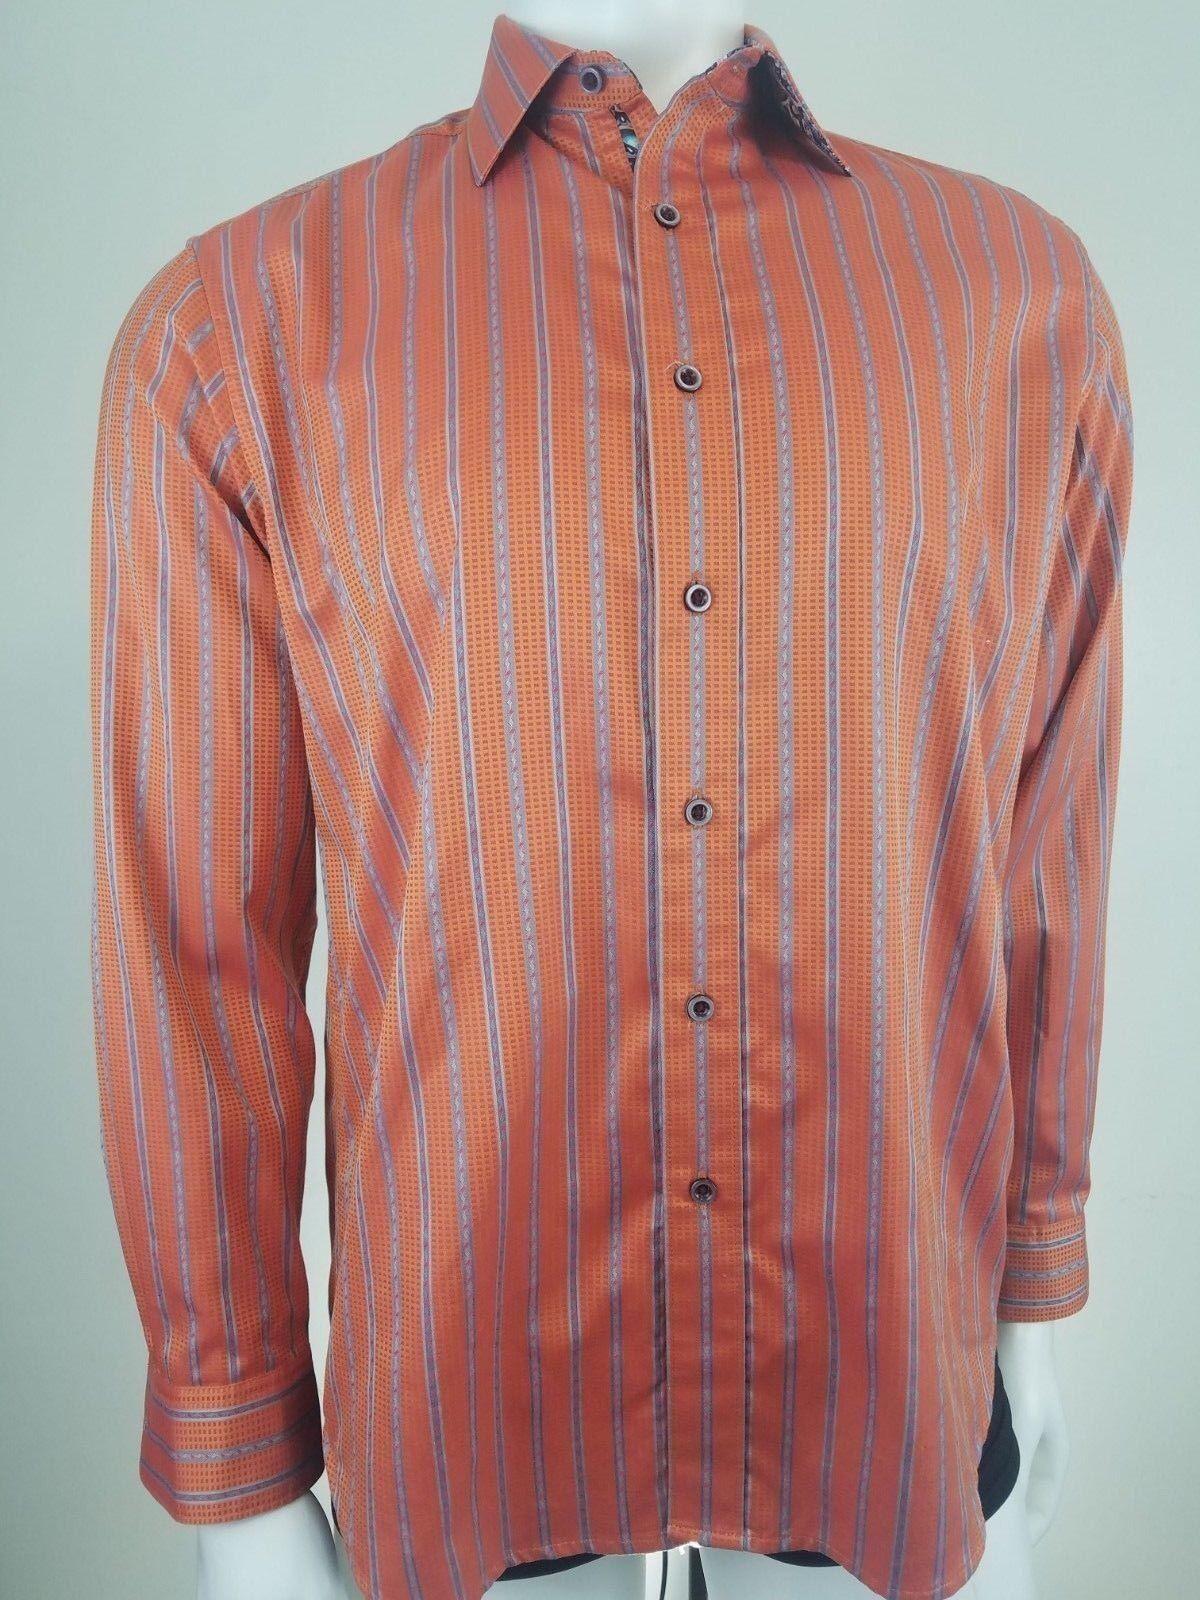 Robert Graham Mens Shirt Medium orange Striped Embroidered Flip Cuff Button Down